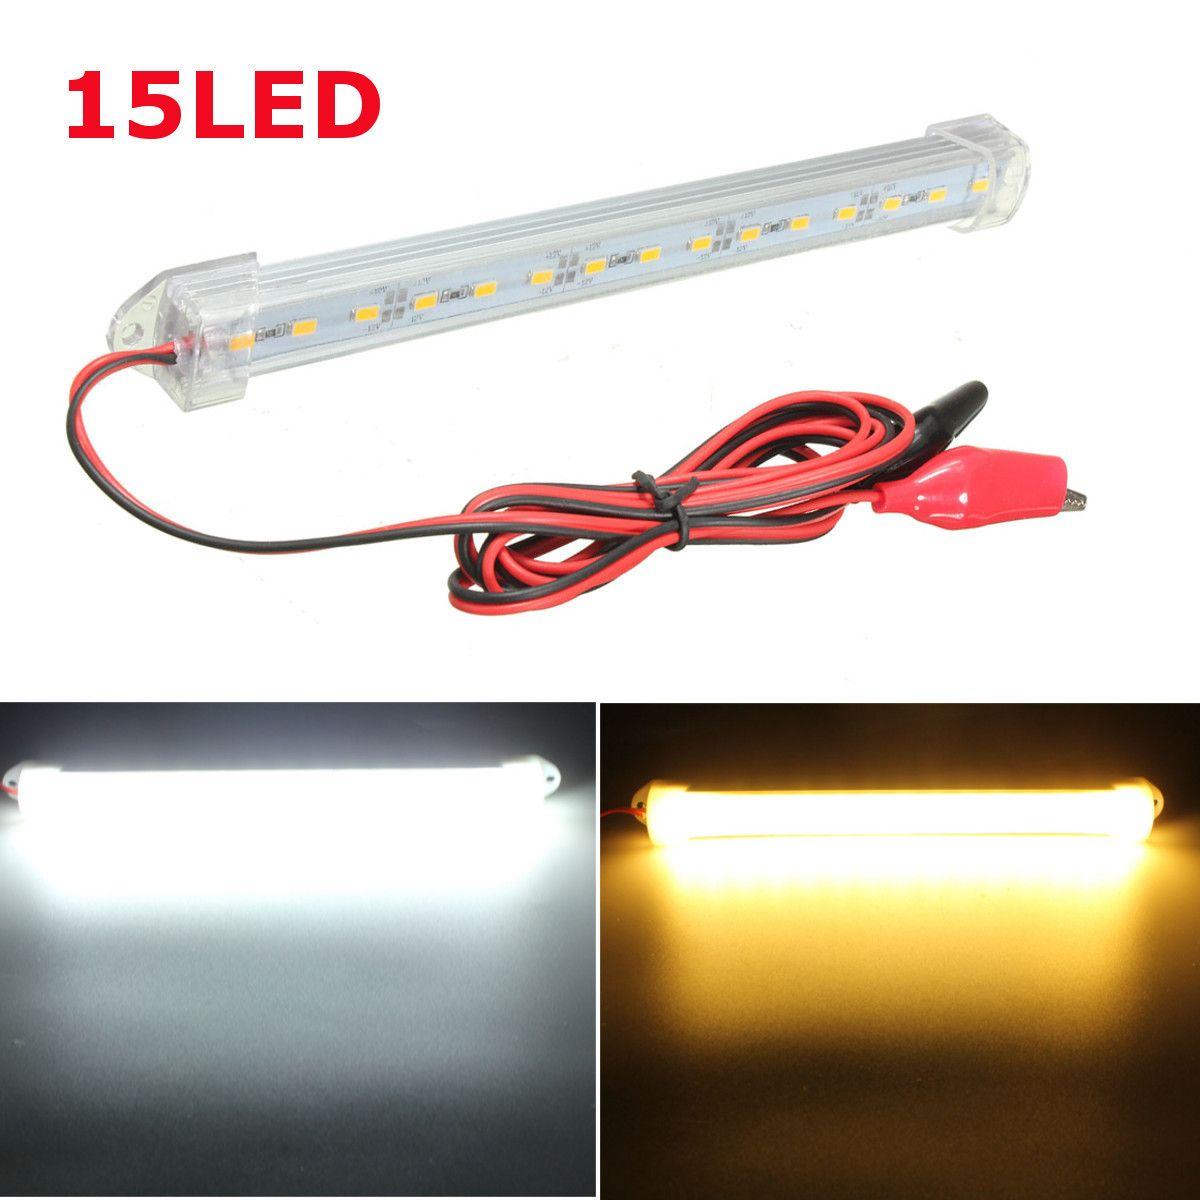 New 12V LED 150cm Car Interior Light Bar Tube Strip Lamp Van Boat ...